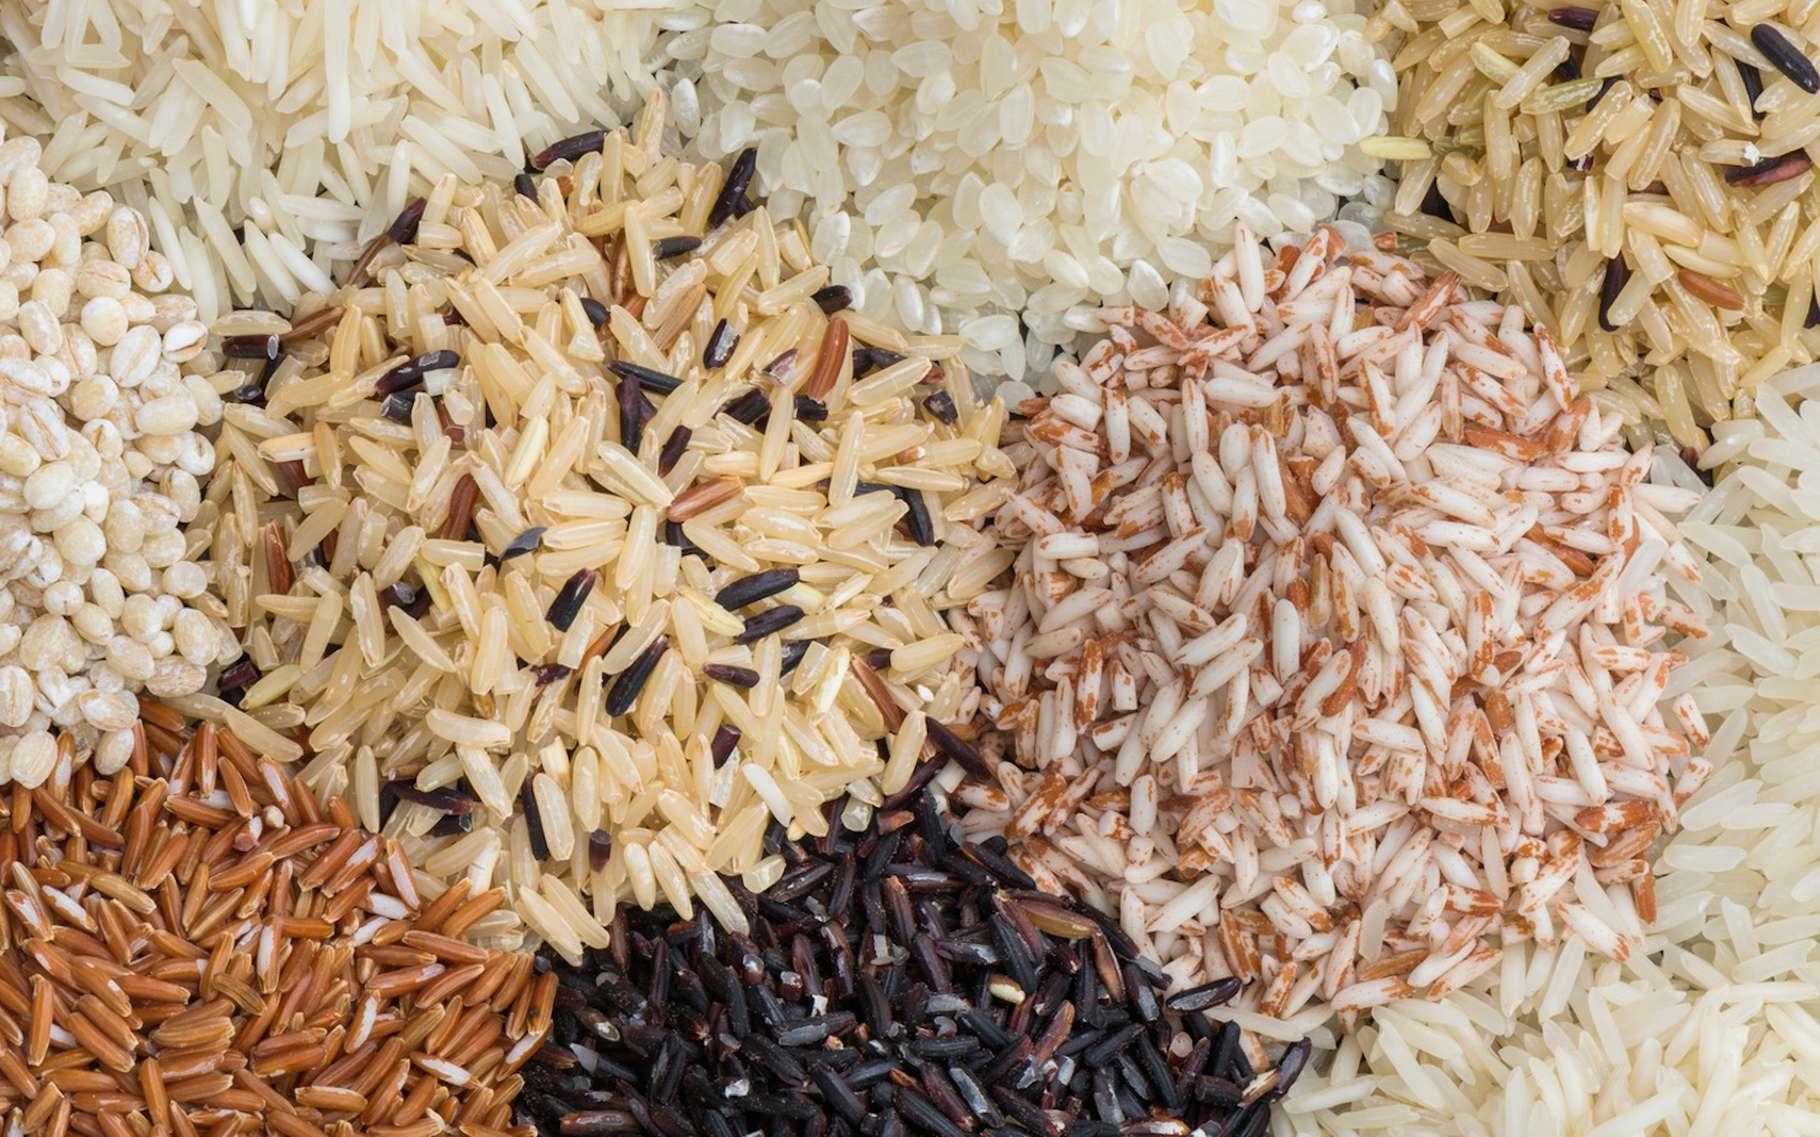 Des chercheurs mettent en garde : avec l'augmentation du taux de CO2 dans l'atmosphère, le riz risque de perdre de ses qualités nutritionnelles. © peangdao, Fotolia